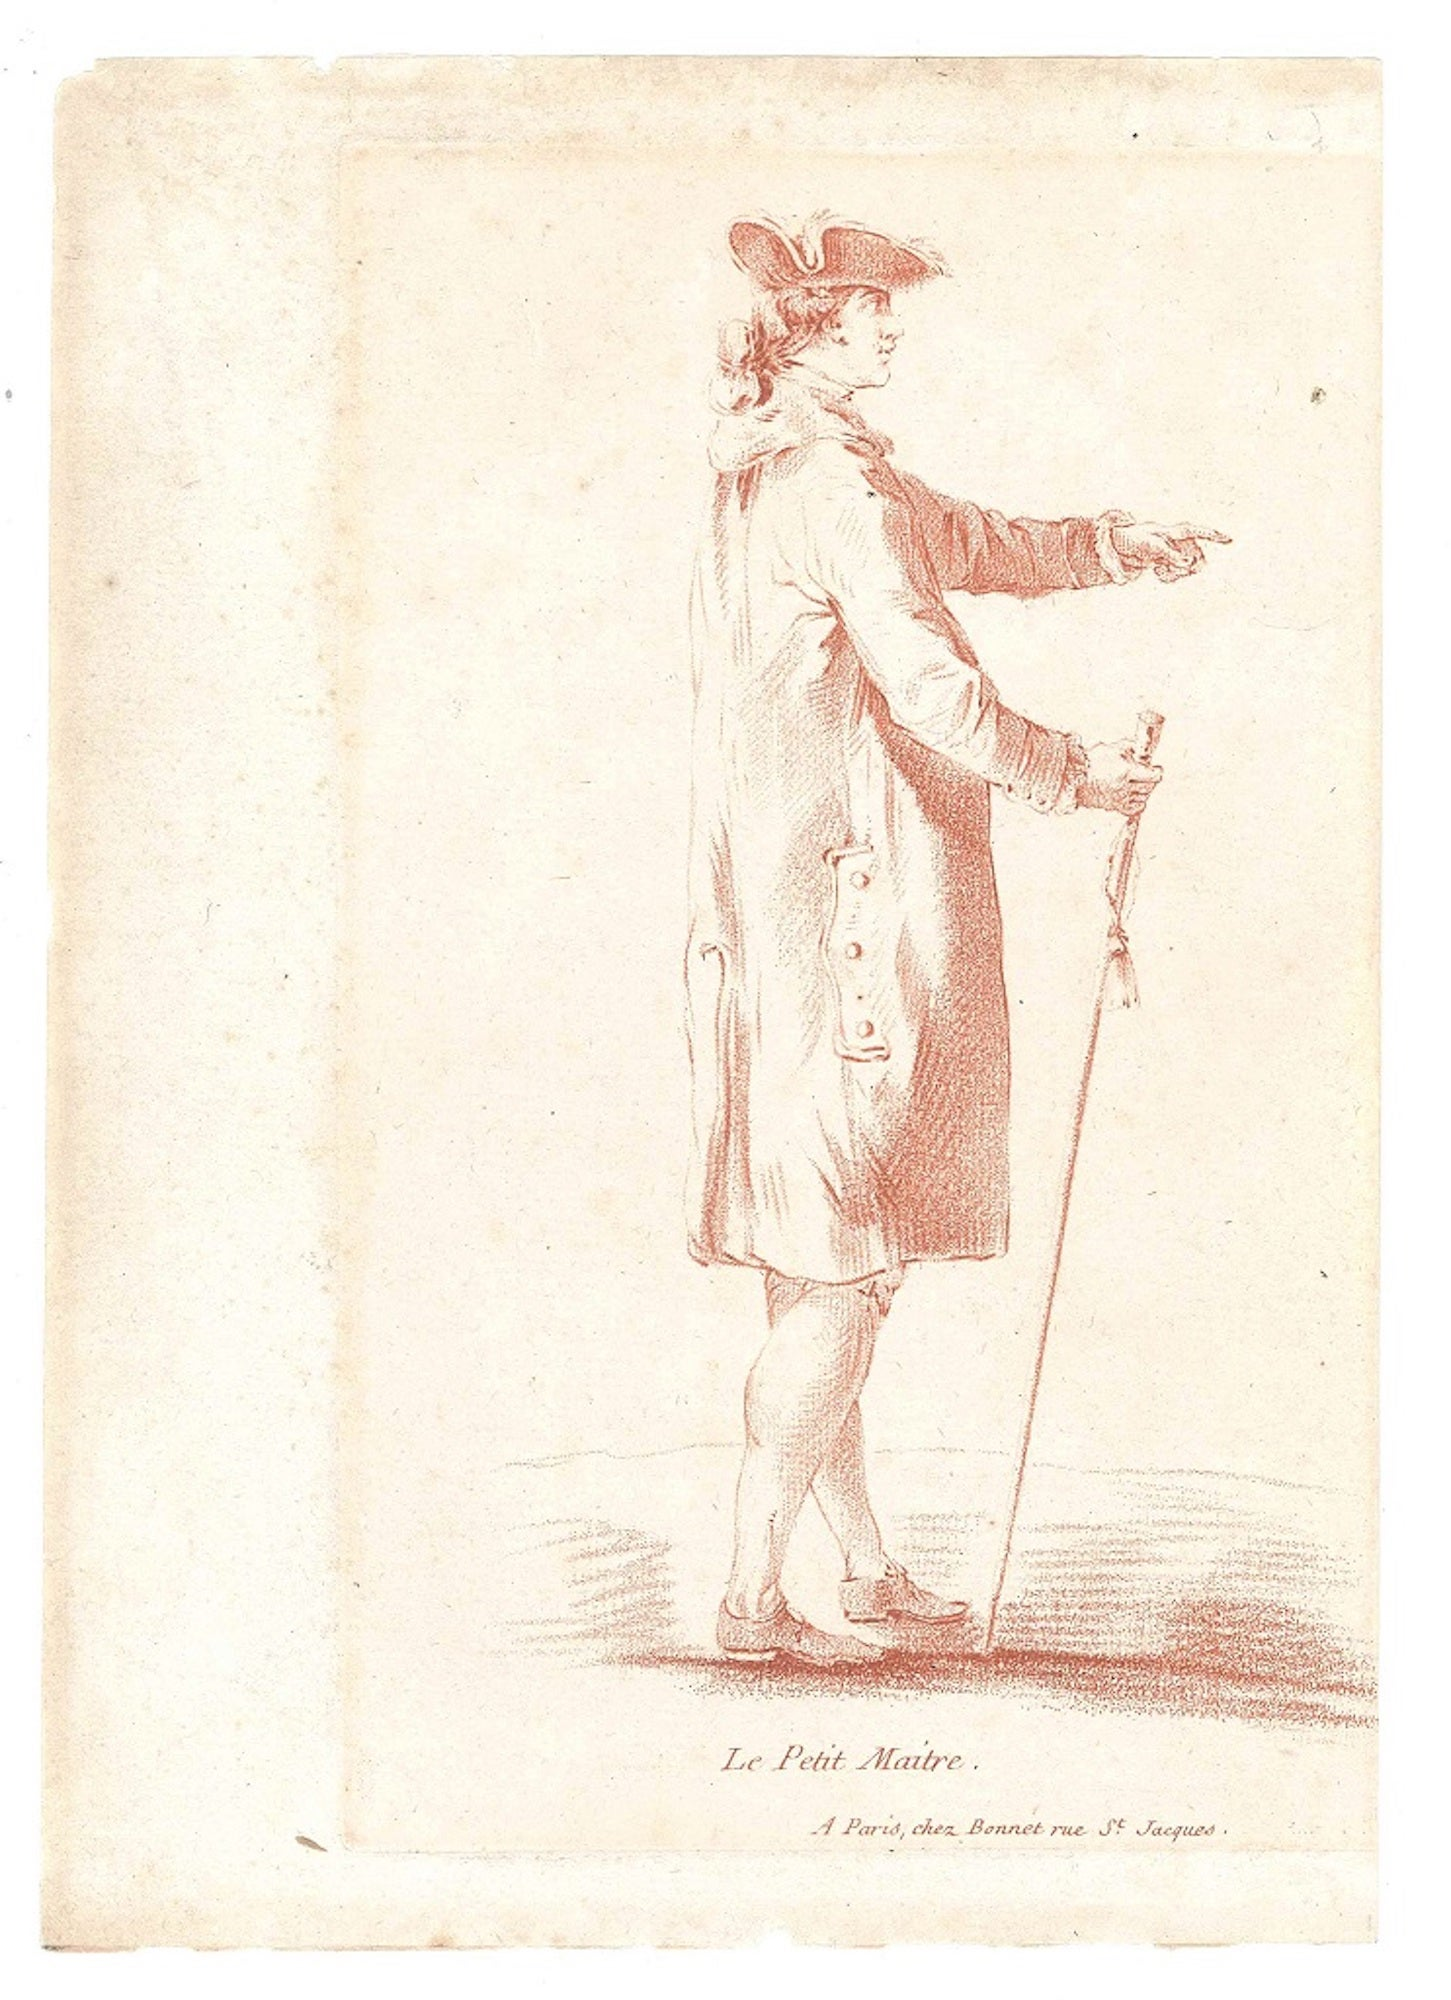 Le Petit Maitre - Original Etching and Pastel by L-M Bonnet - Late 18th Century